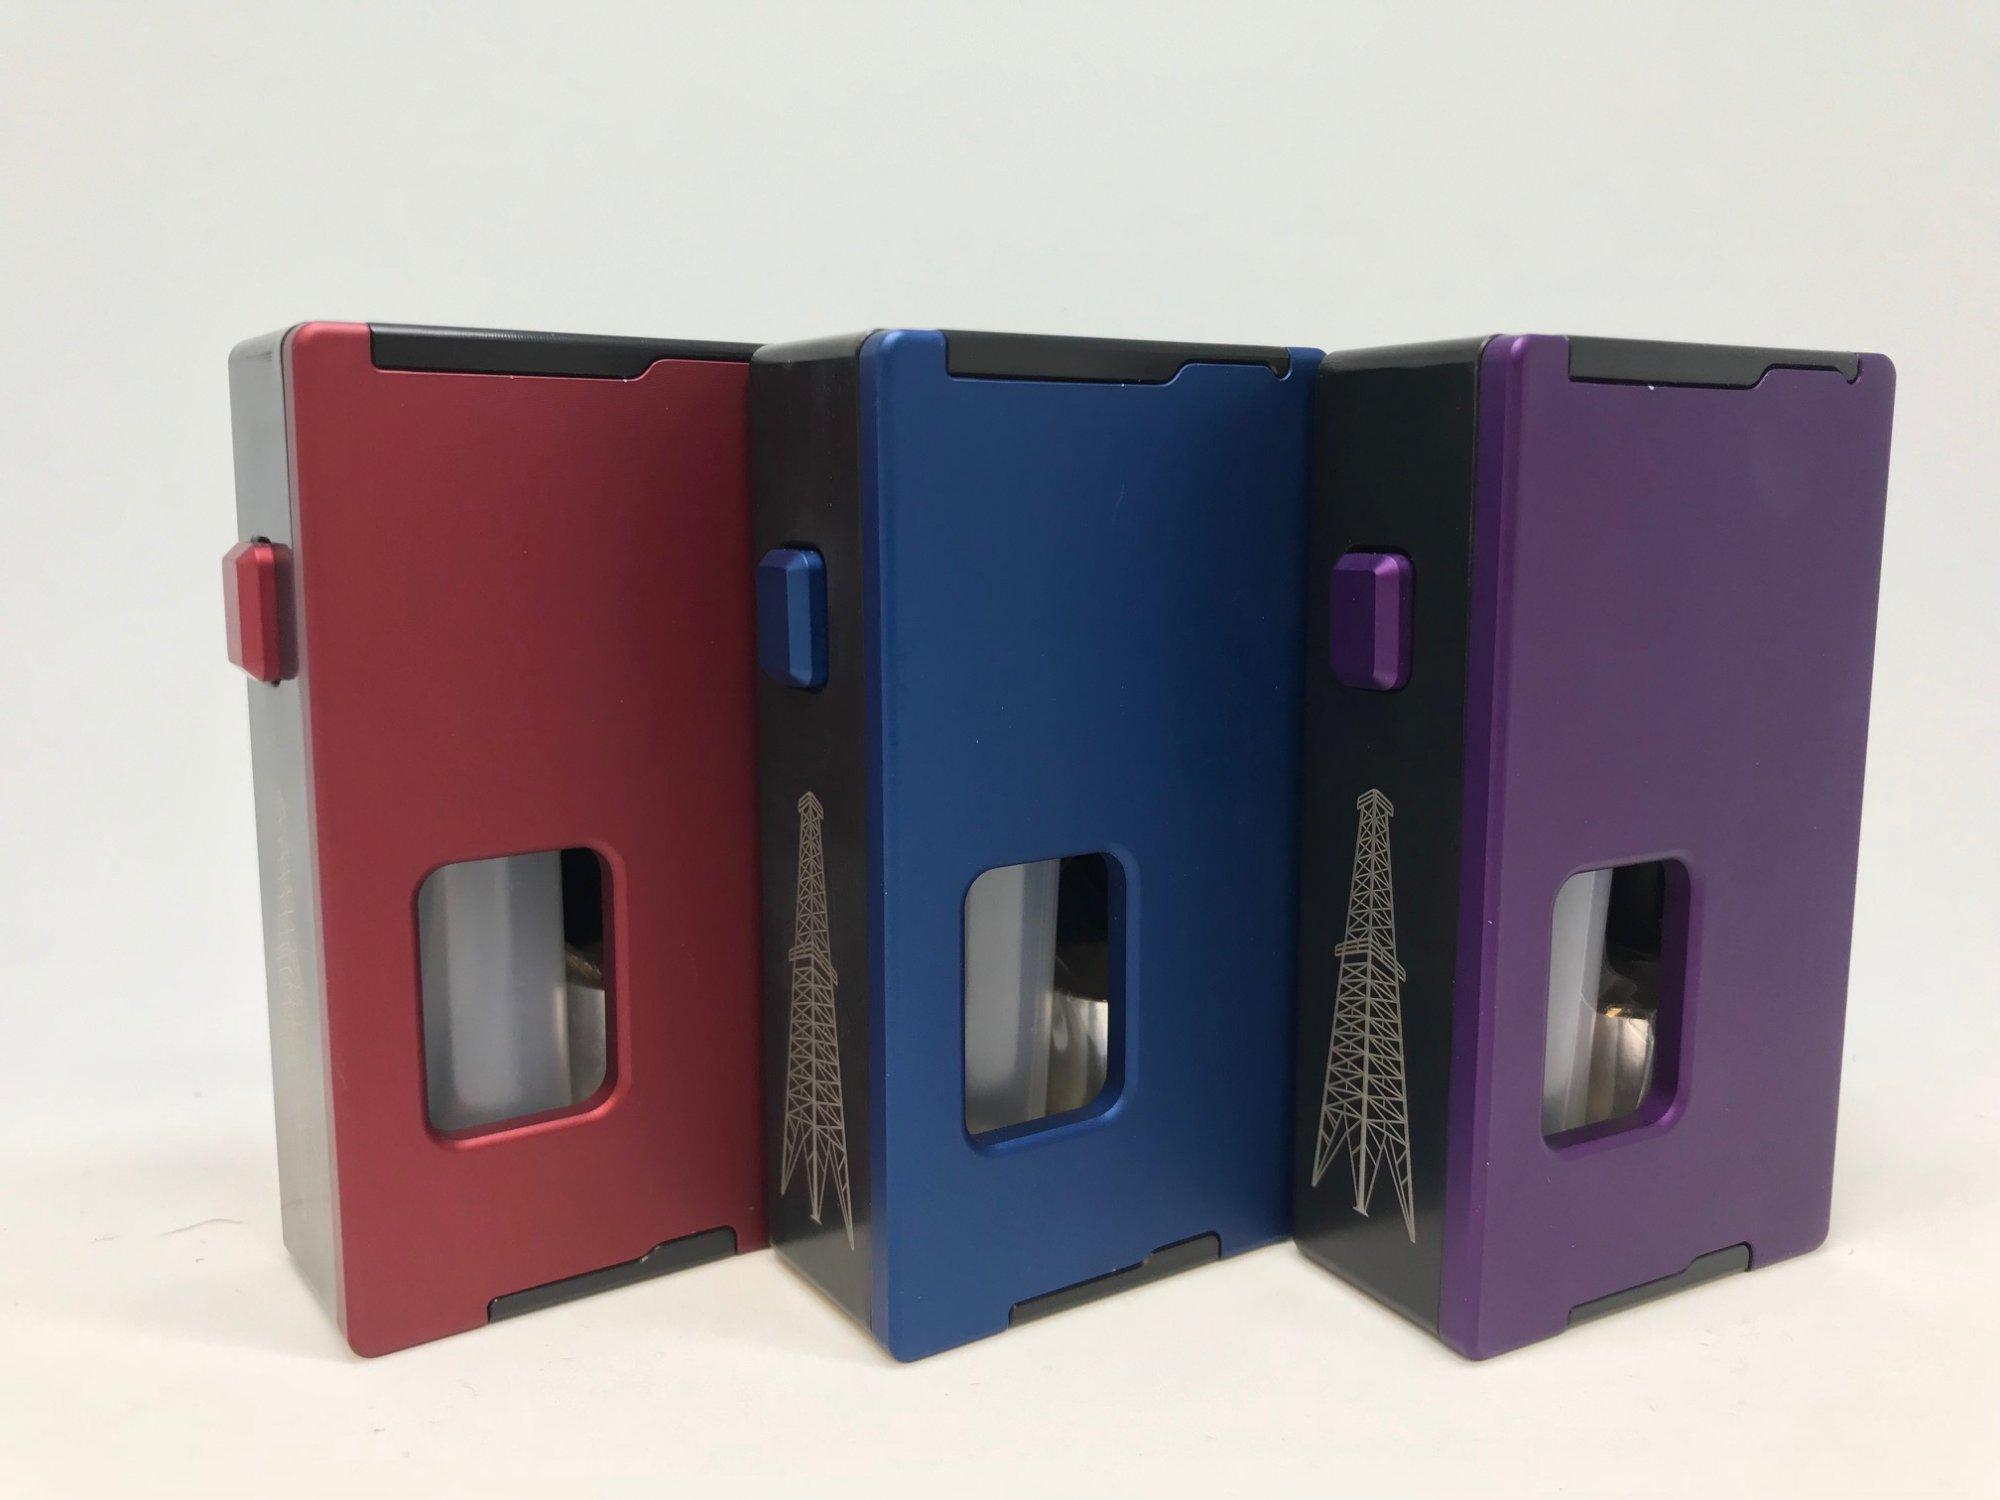 VapeAMP Squonk Box